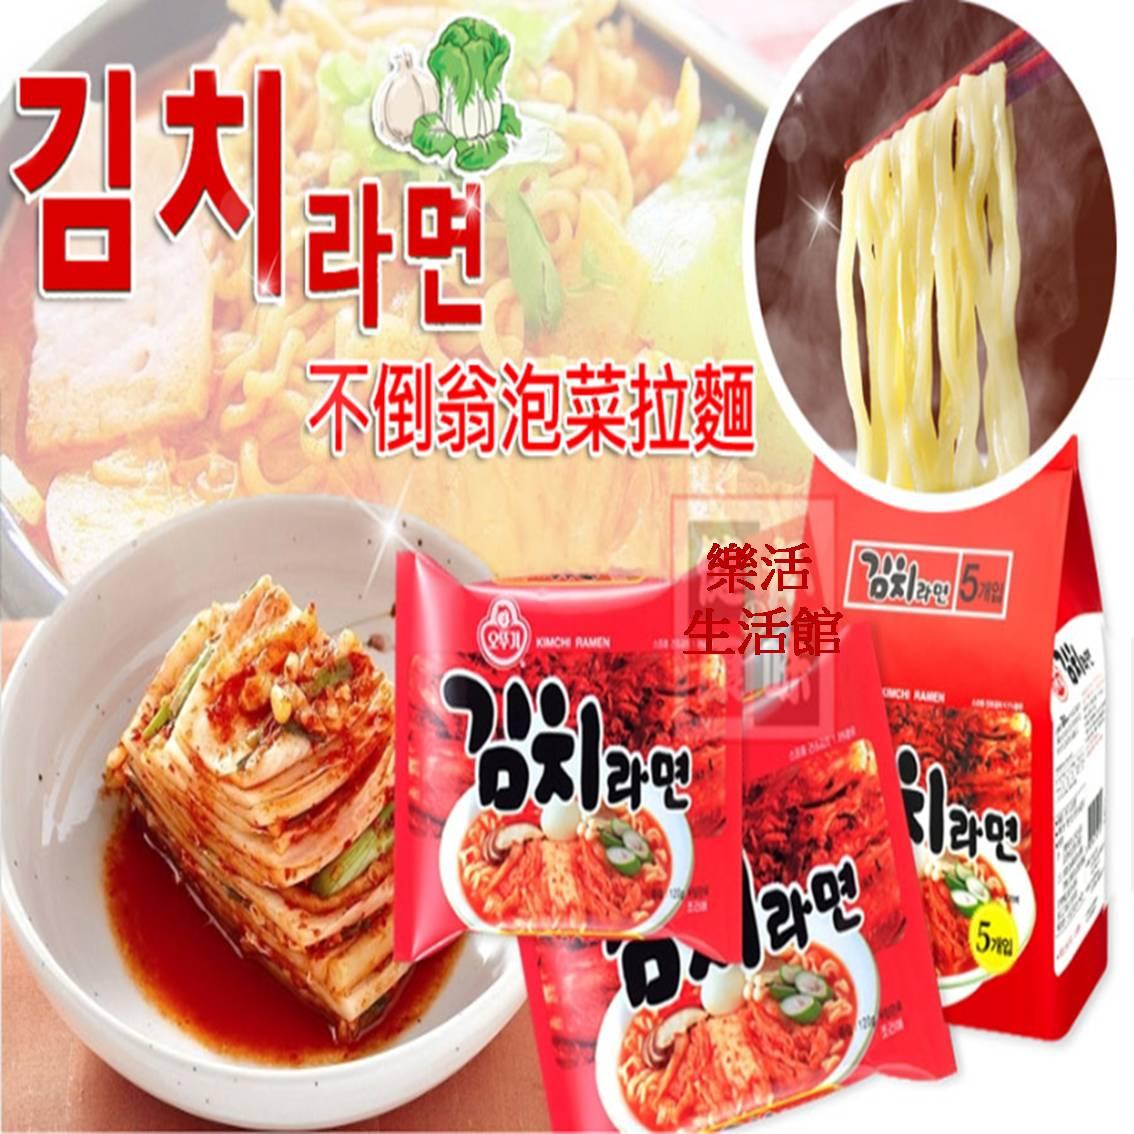 韓國OTTOGI不倒翁 泡菜風味拉麵 泡麵 * 1包   【樂活生活館】